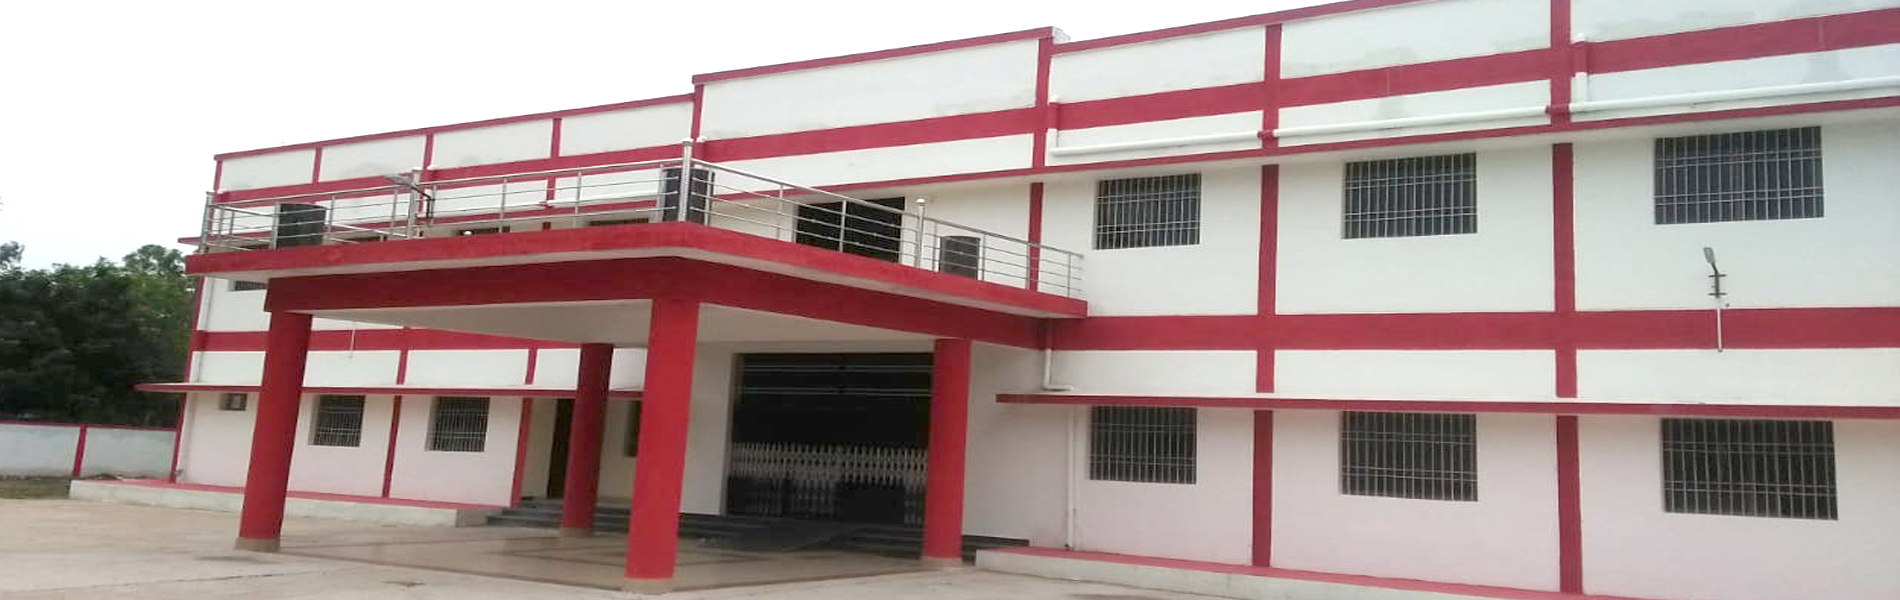 Government Rajmata Vijiyaraje Sindhiya Girls College, Kawardha